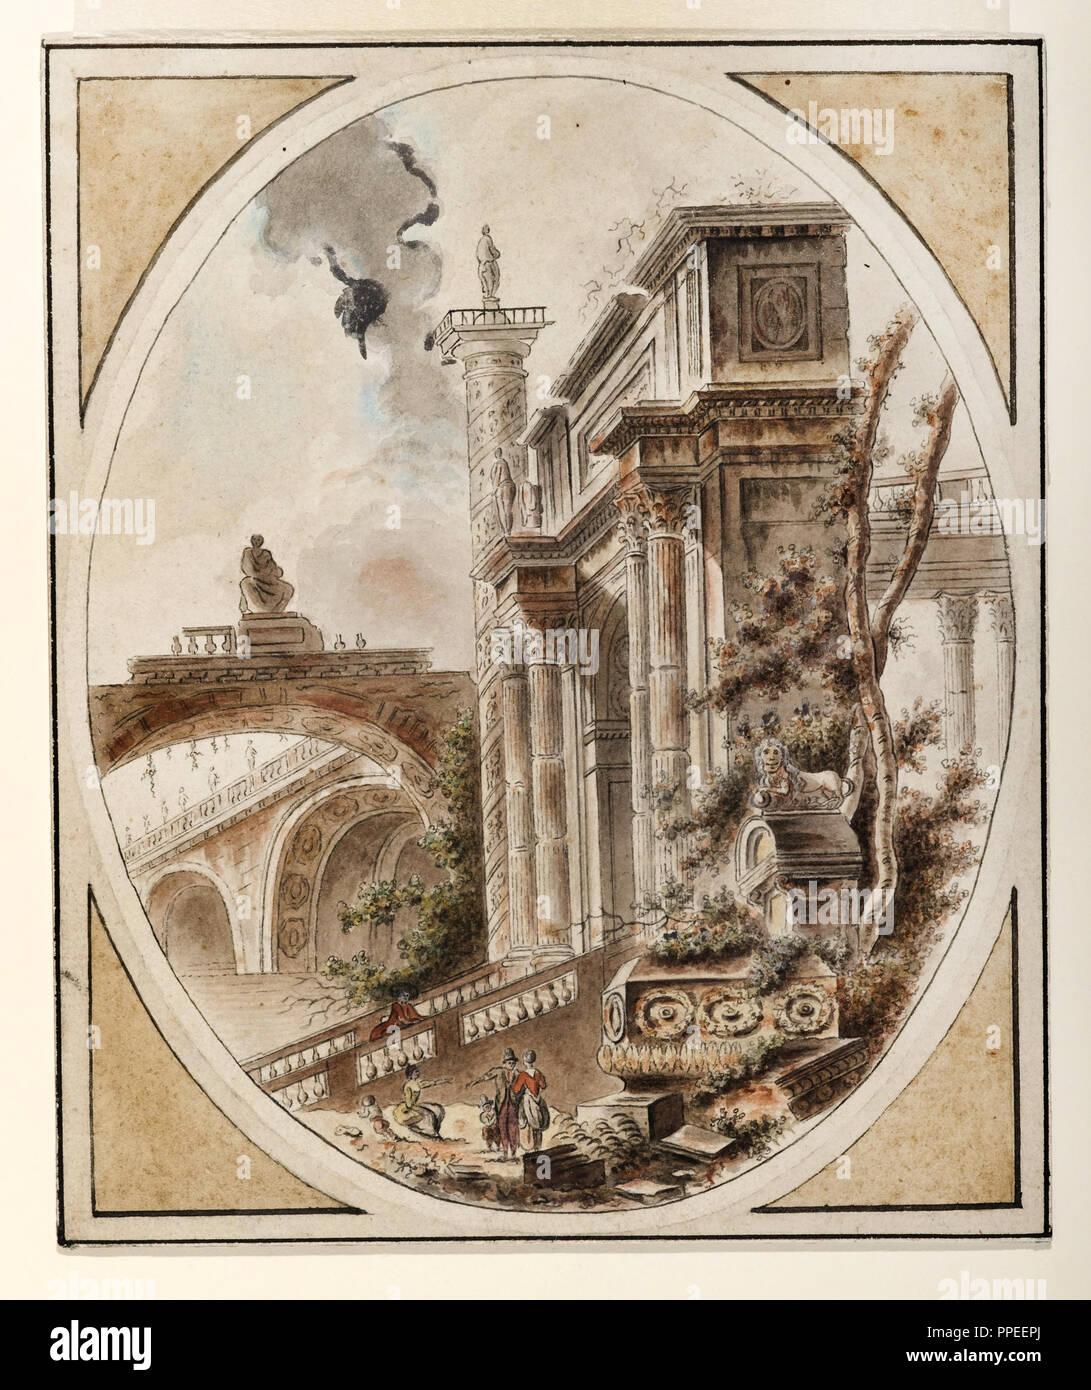 Jean-Henry-Alexandre Pernet, fantasía de una ruina arquitectónica. Circa 1770. Lápiz y tinta negra, acuarela, gouache blanco. Cooper Hewitt, el Smithsonian de Imagen De Stock